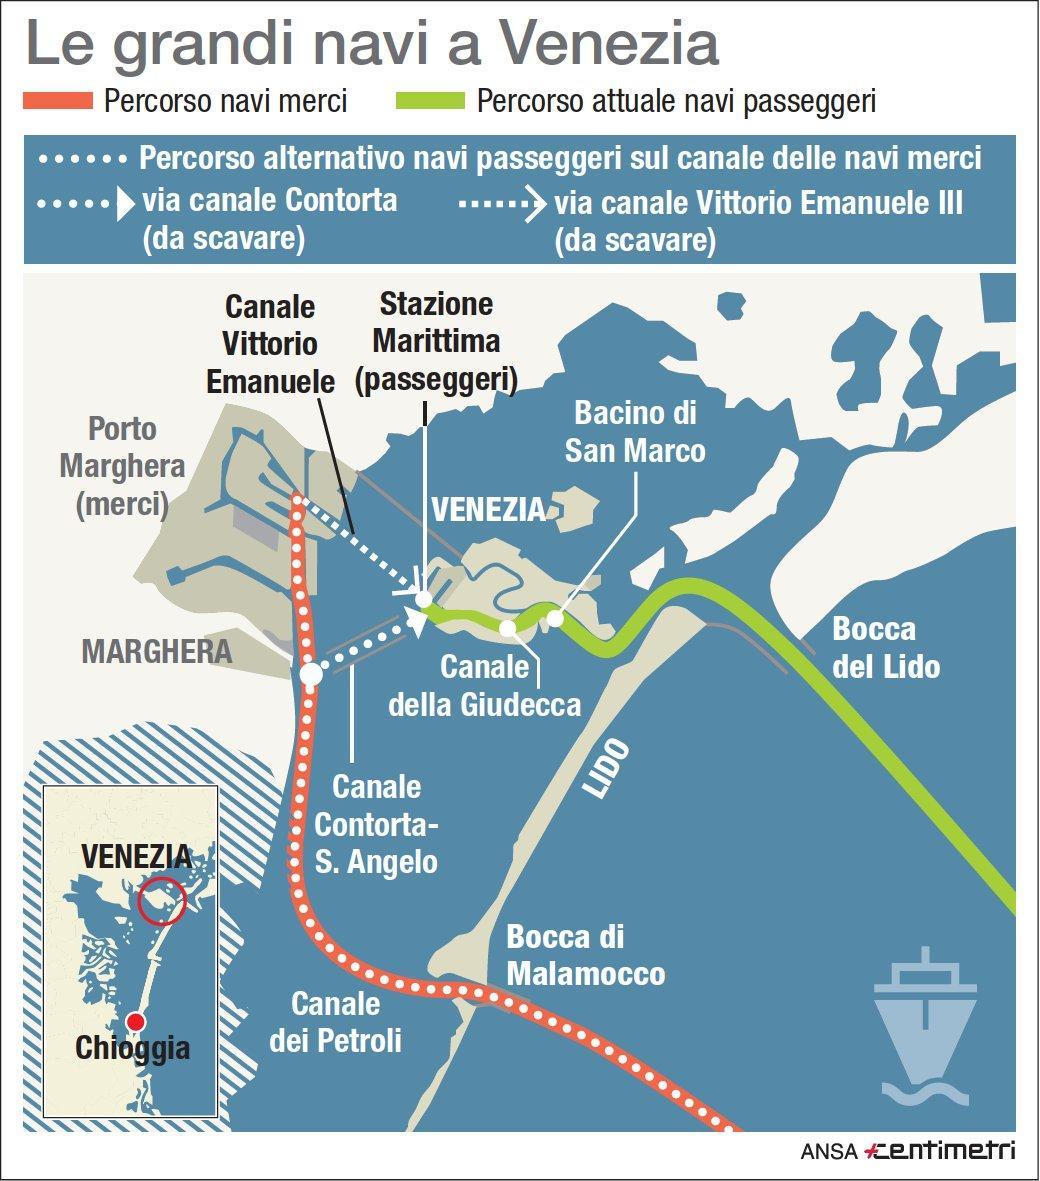 Grandi navi a Venezia, le rotte che seguono